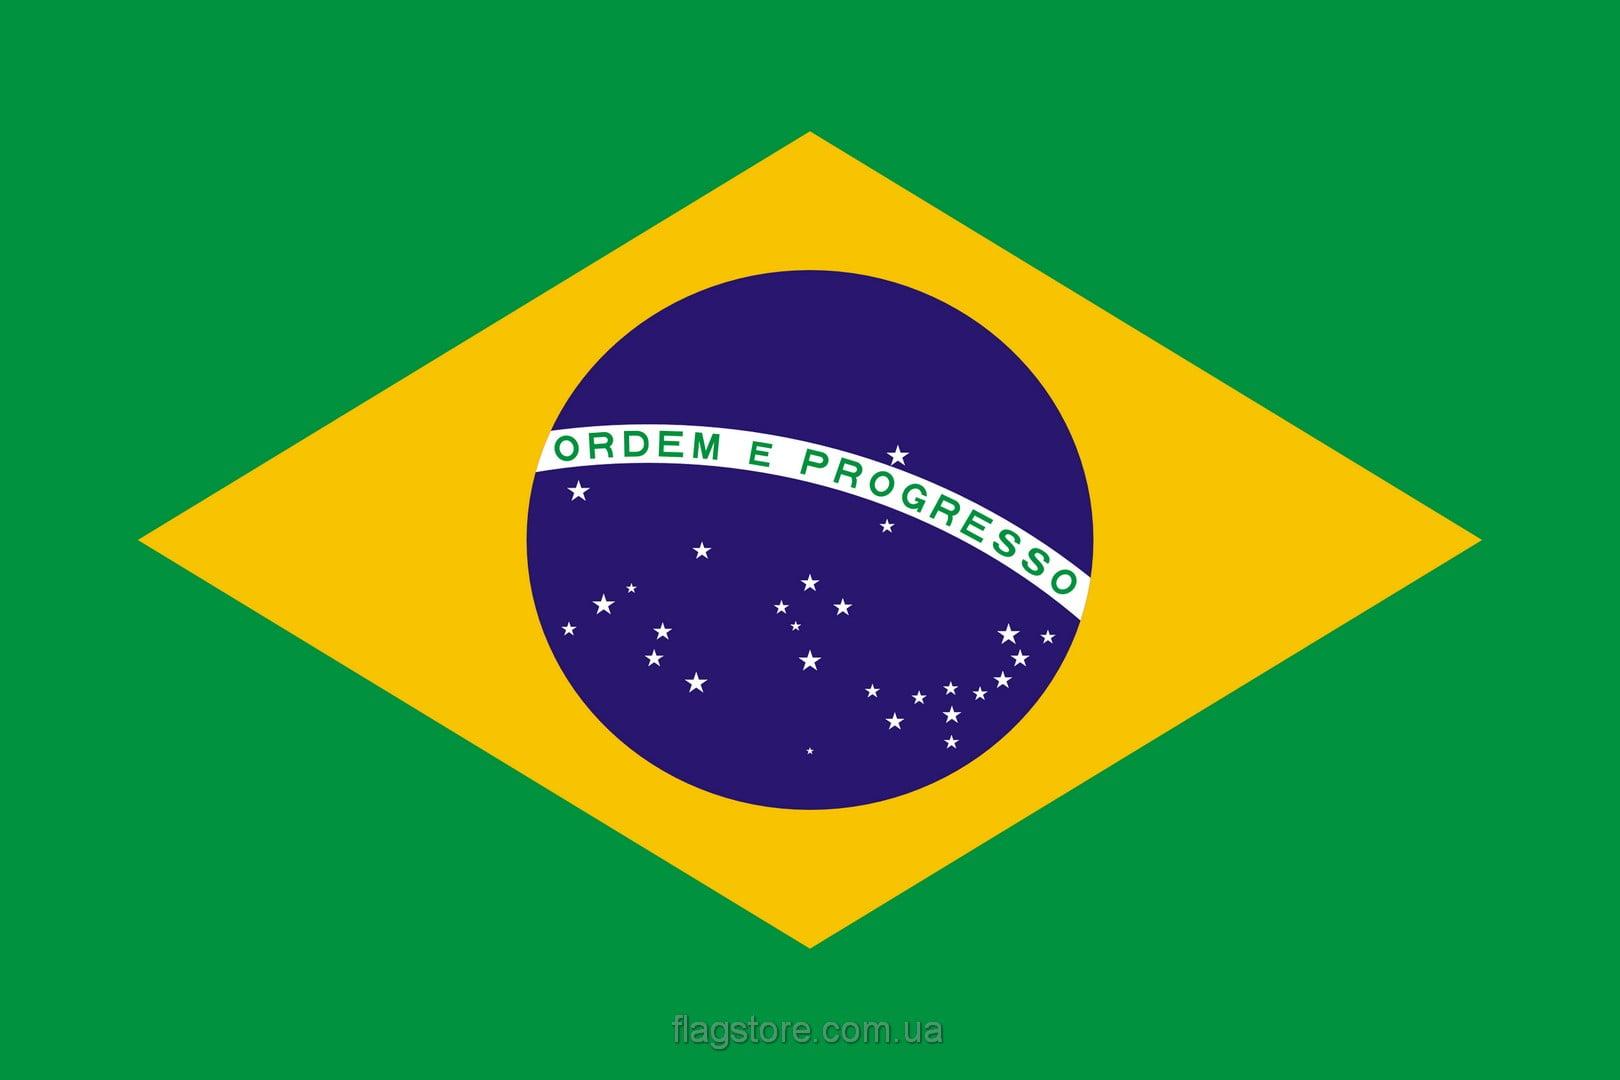 Купить флаг Бразилии (страны Бразилия)